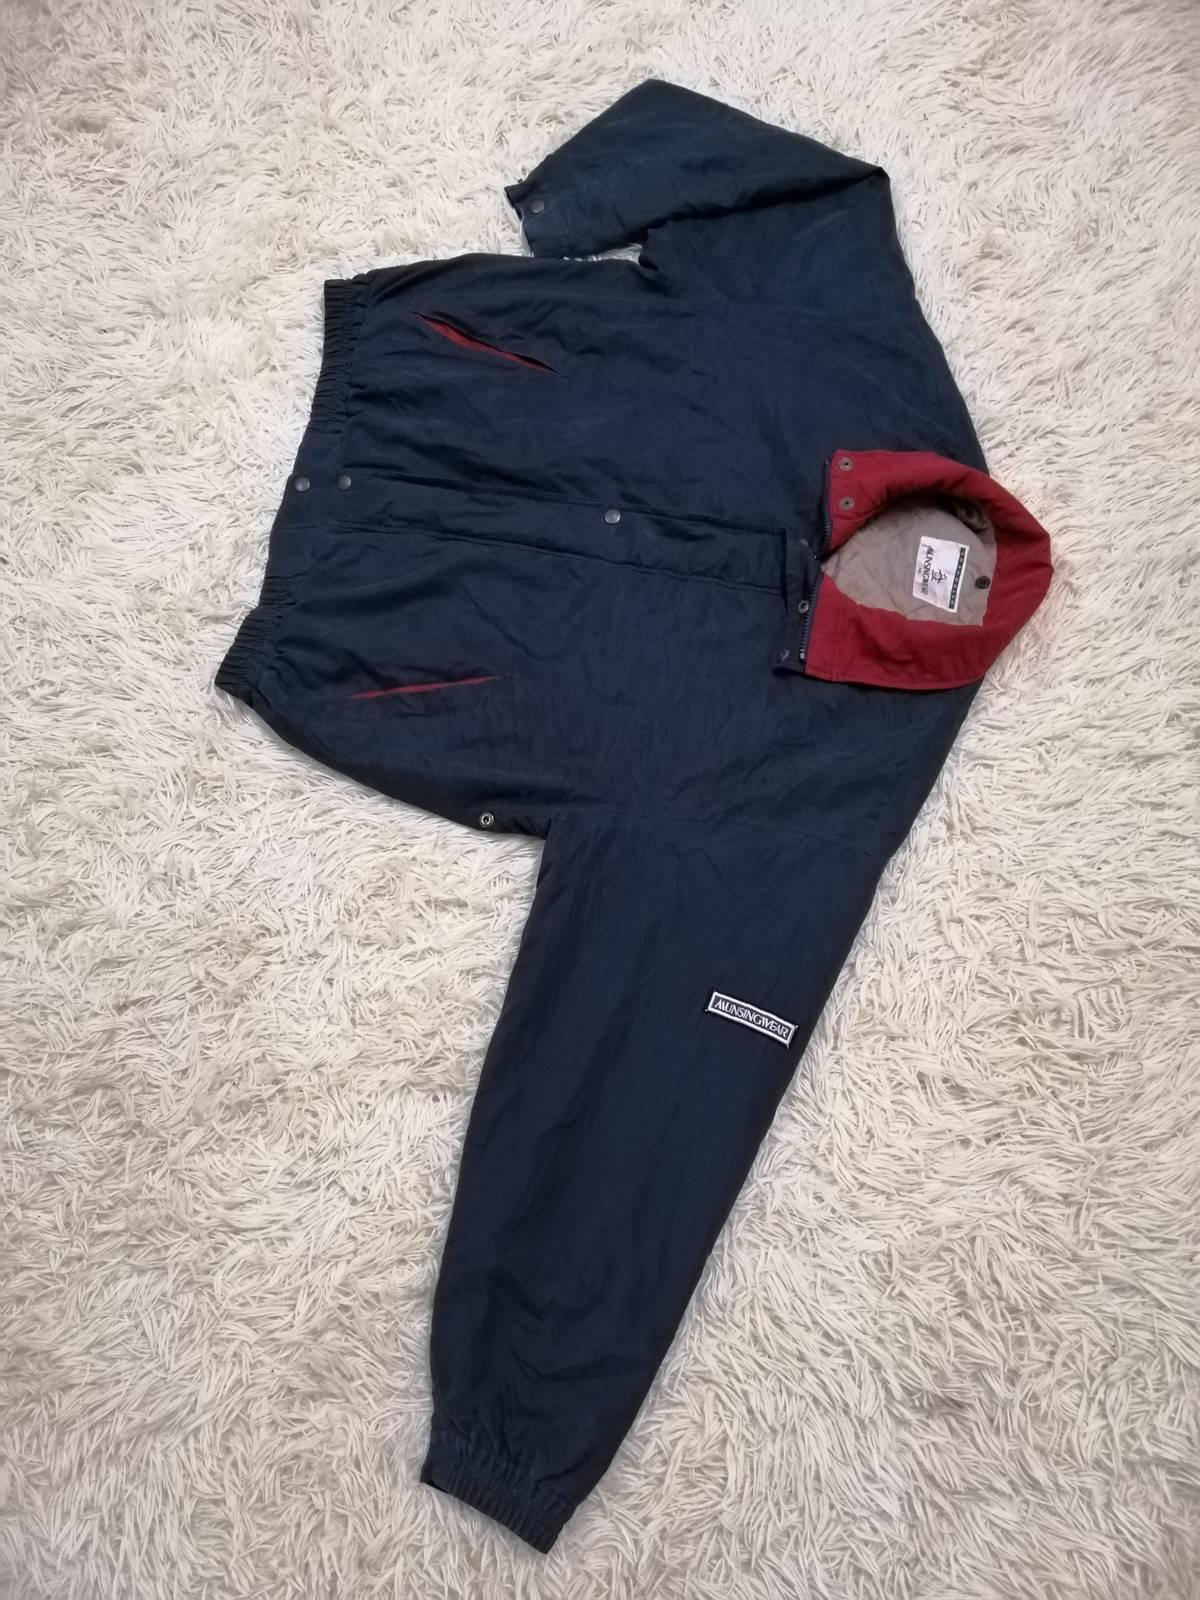 Grandslam Munsingwear Sweater Vintage Grandslam Munsingwear Activewear Men/'s Size 3L